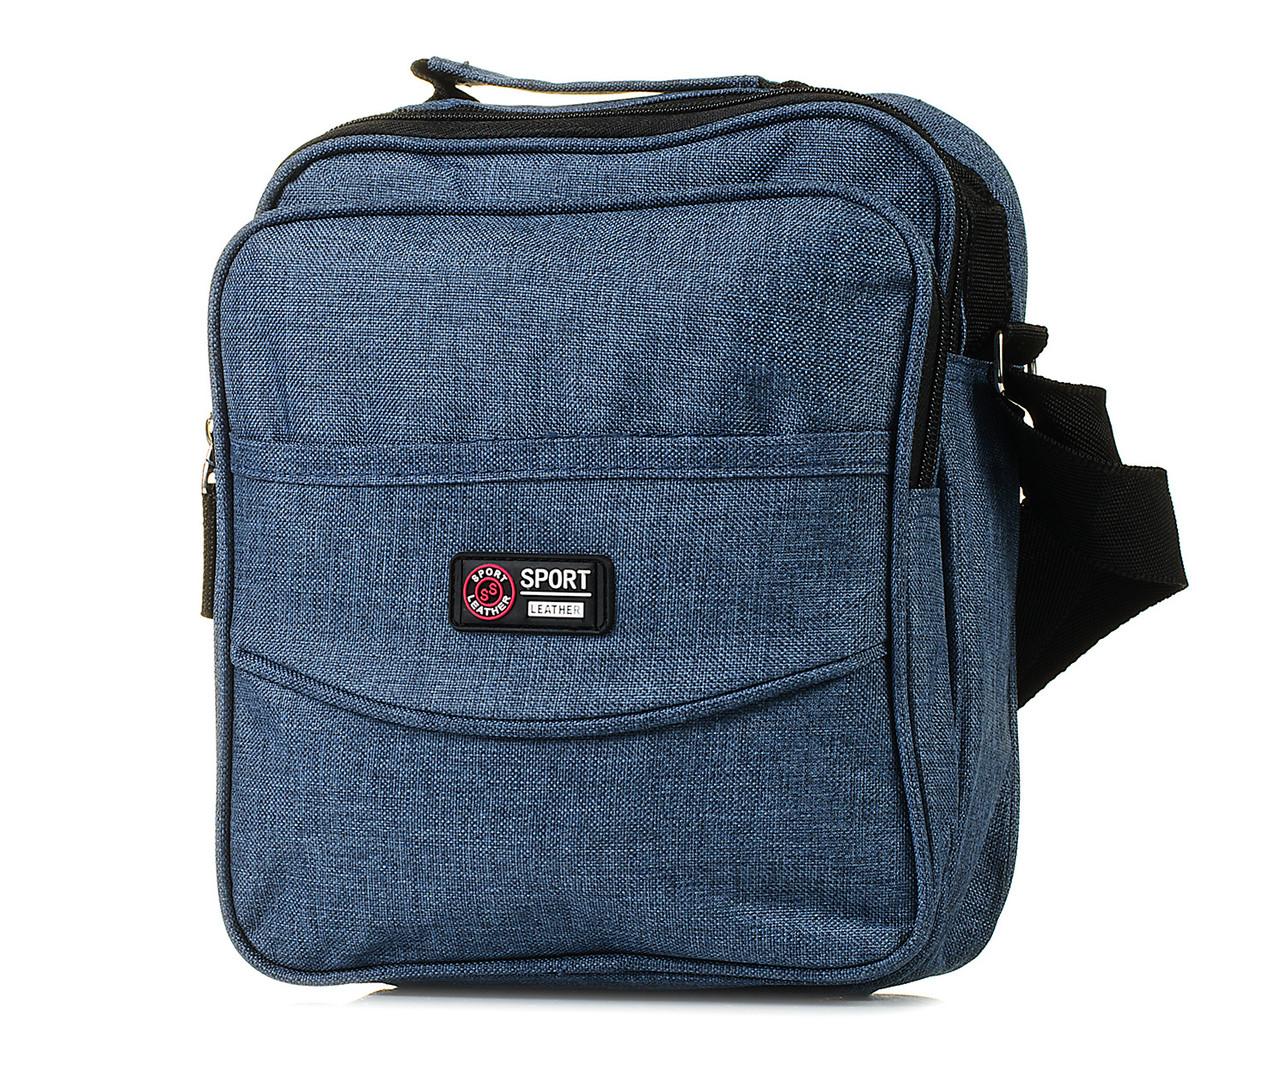 Мужская сумка через плечо синяя / чоловіча сумка через плече синя 1043334925